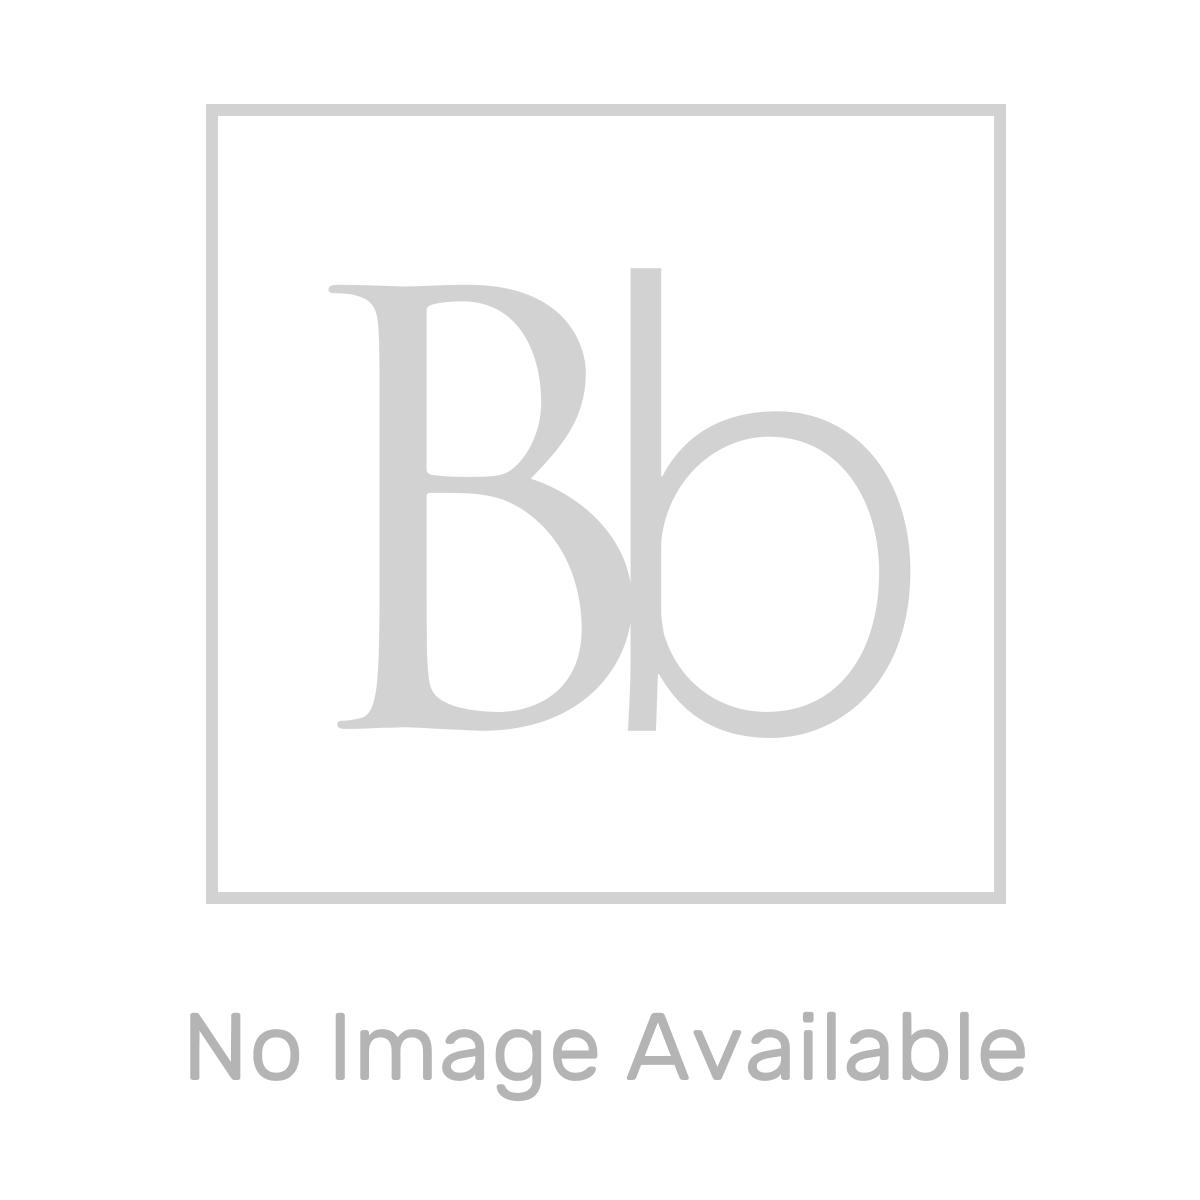 HiB Minnesota Illuminated Bathroom Mirror Corner Cabinet